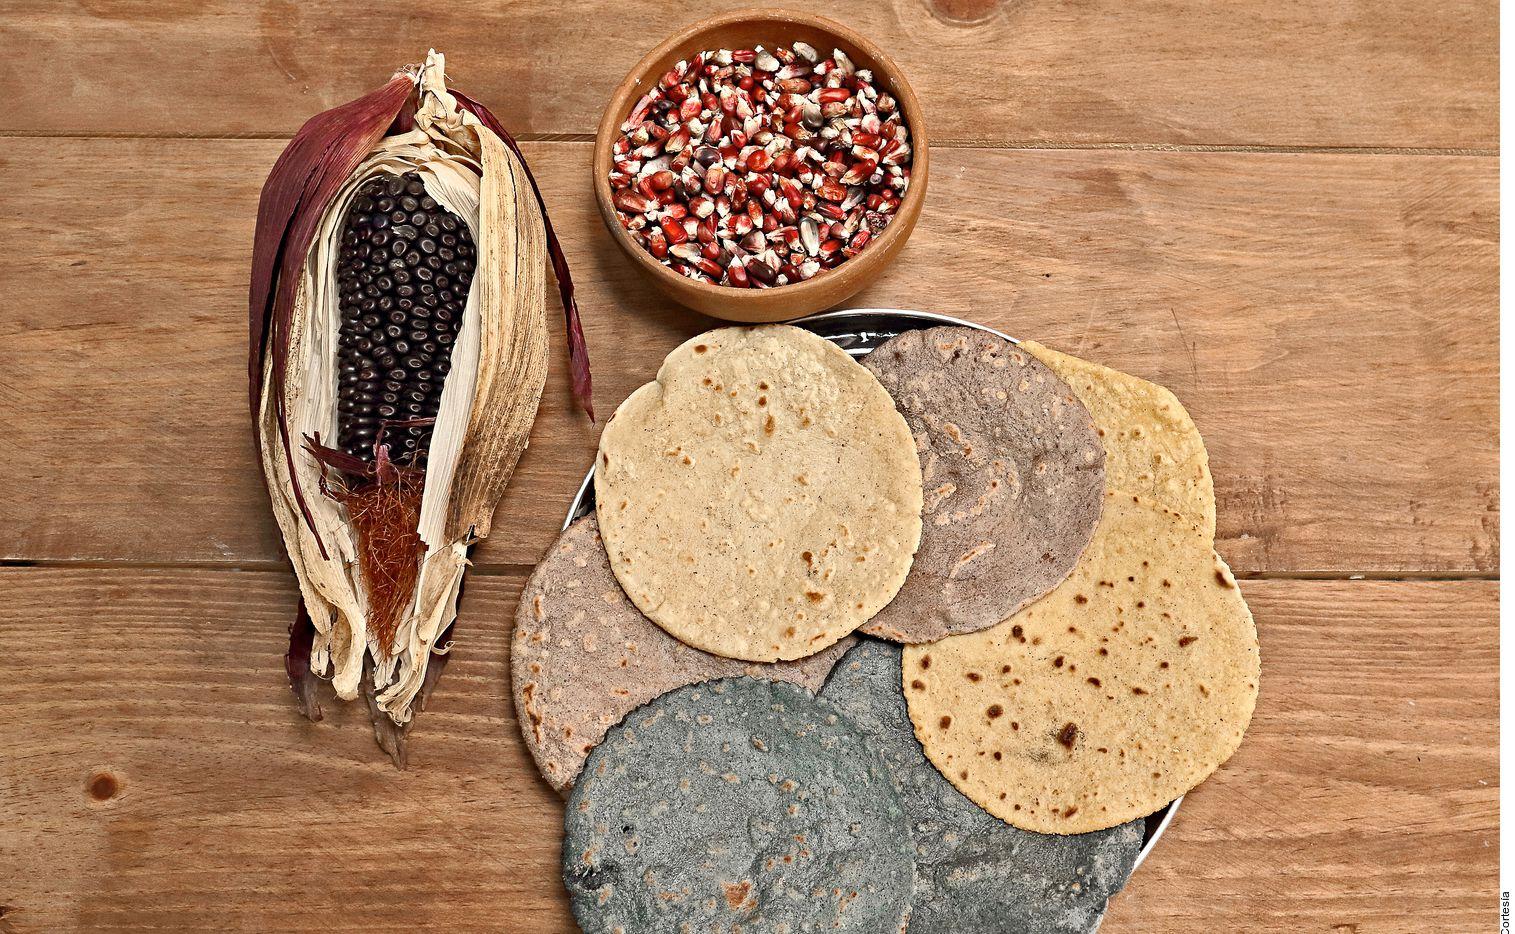 ¿Te has preguntado qué contienen las tortillas de maíz que llevas a tu mesa? Según el chef e investigador gastronómico Ricardo Muñoz Zurita, este elemento fundamental de la cocina mexicana.